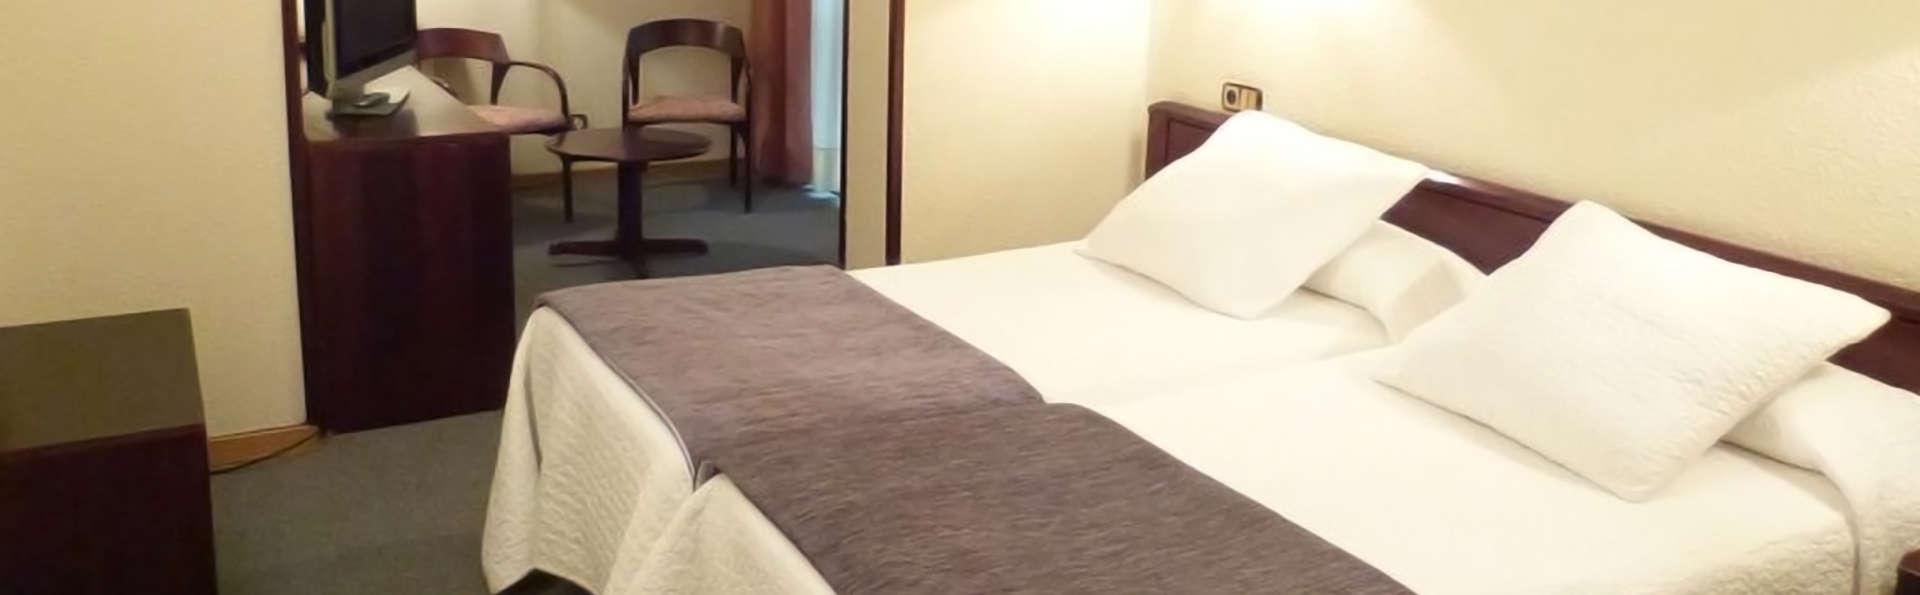 Alojamiento y desayuno en un bonito hotel en Escaldes (Andorra)